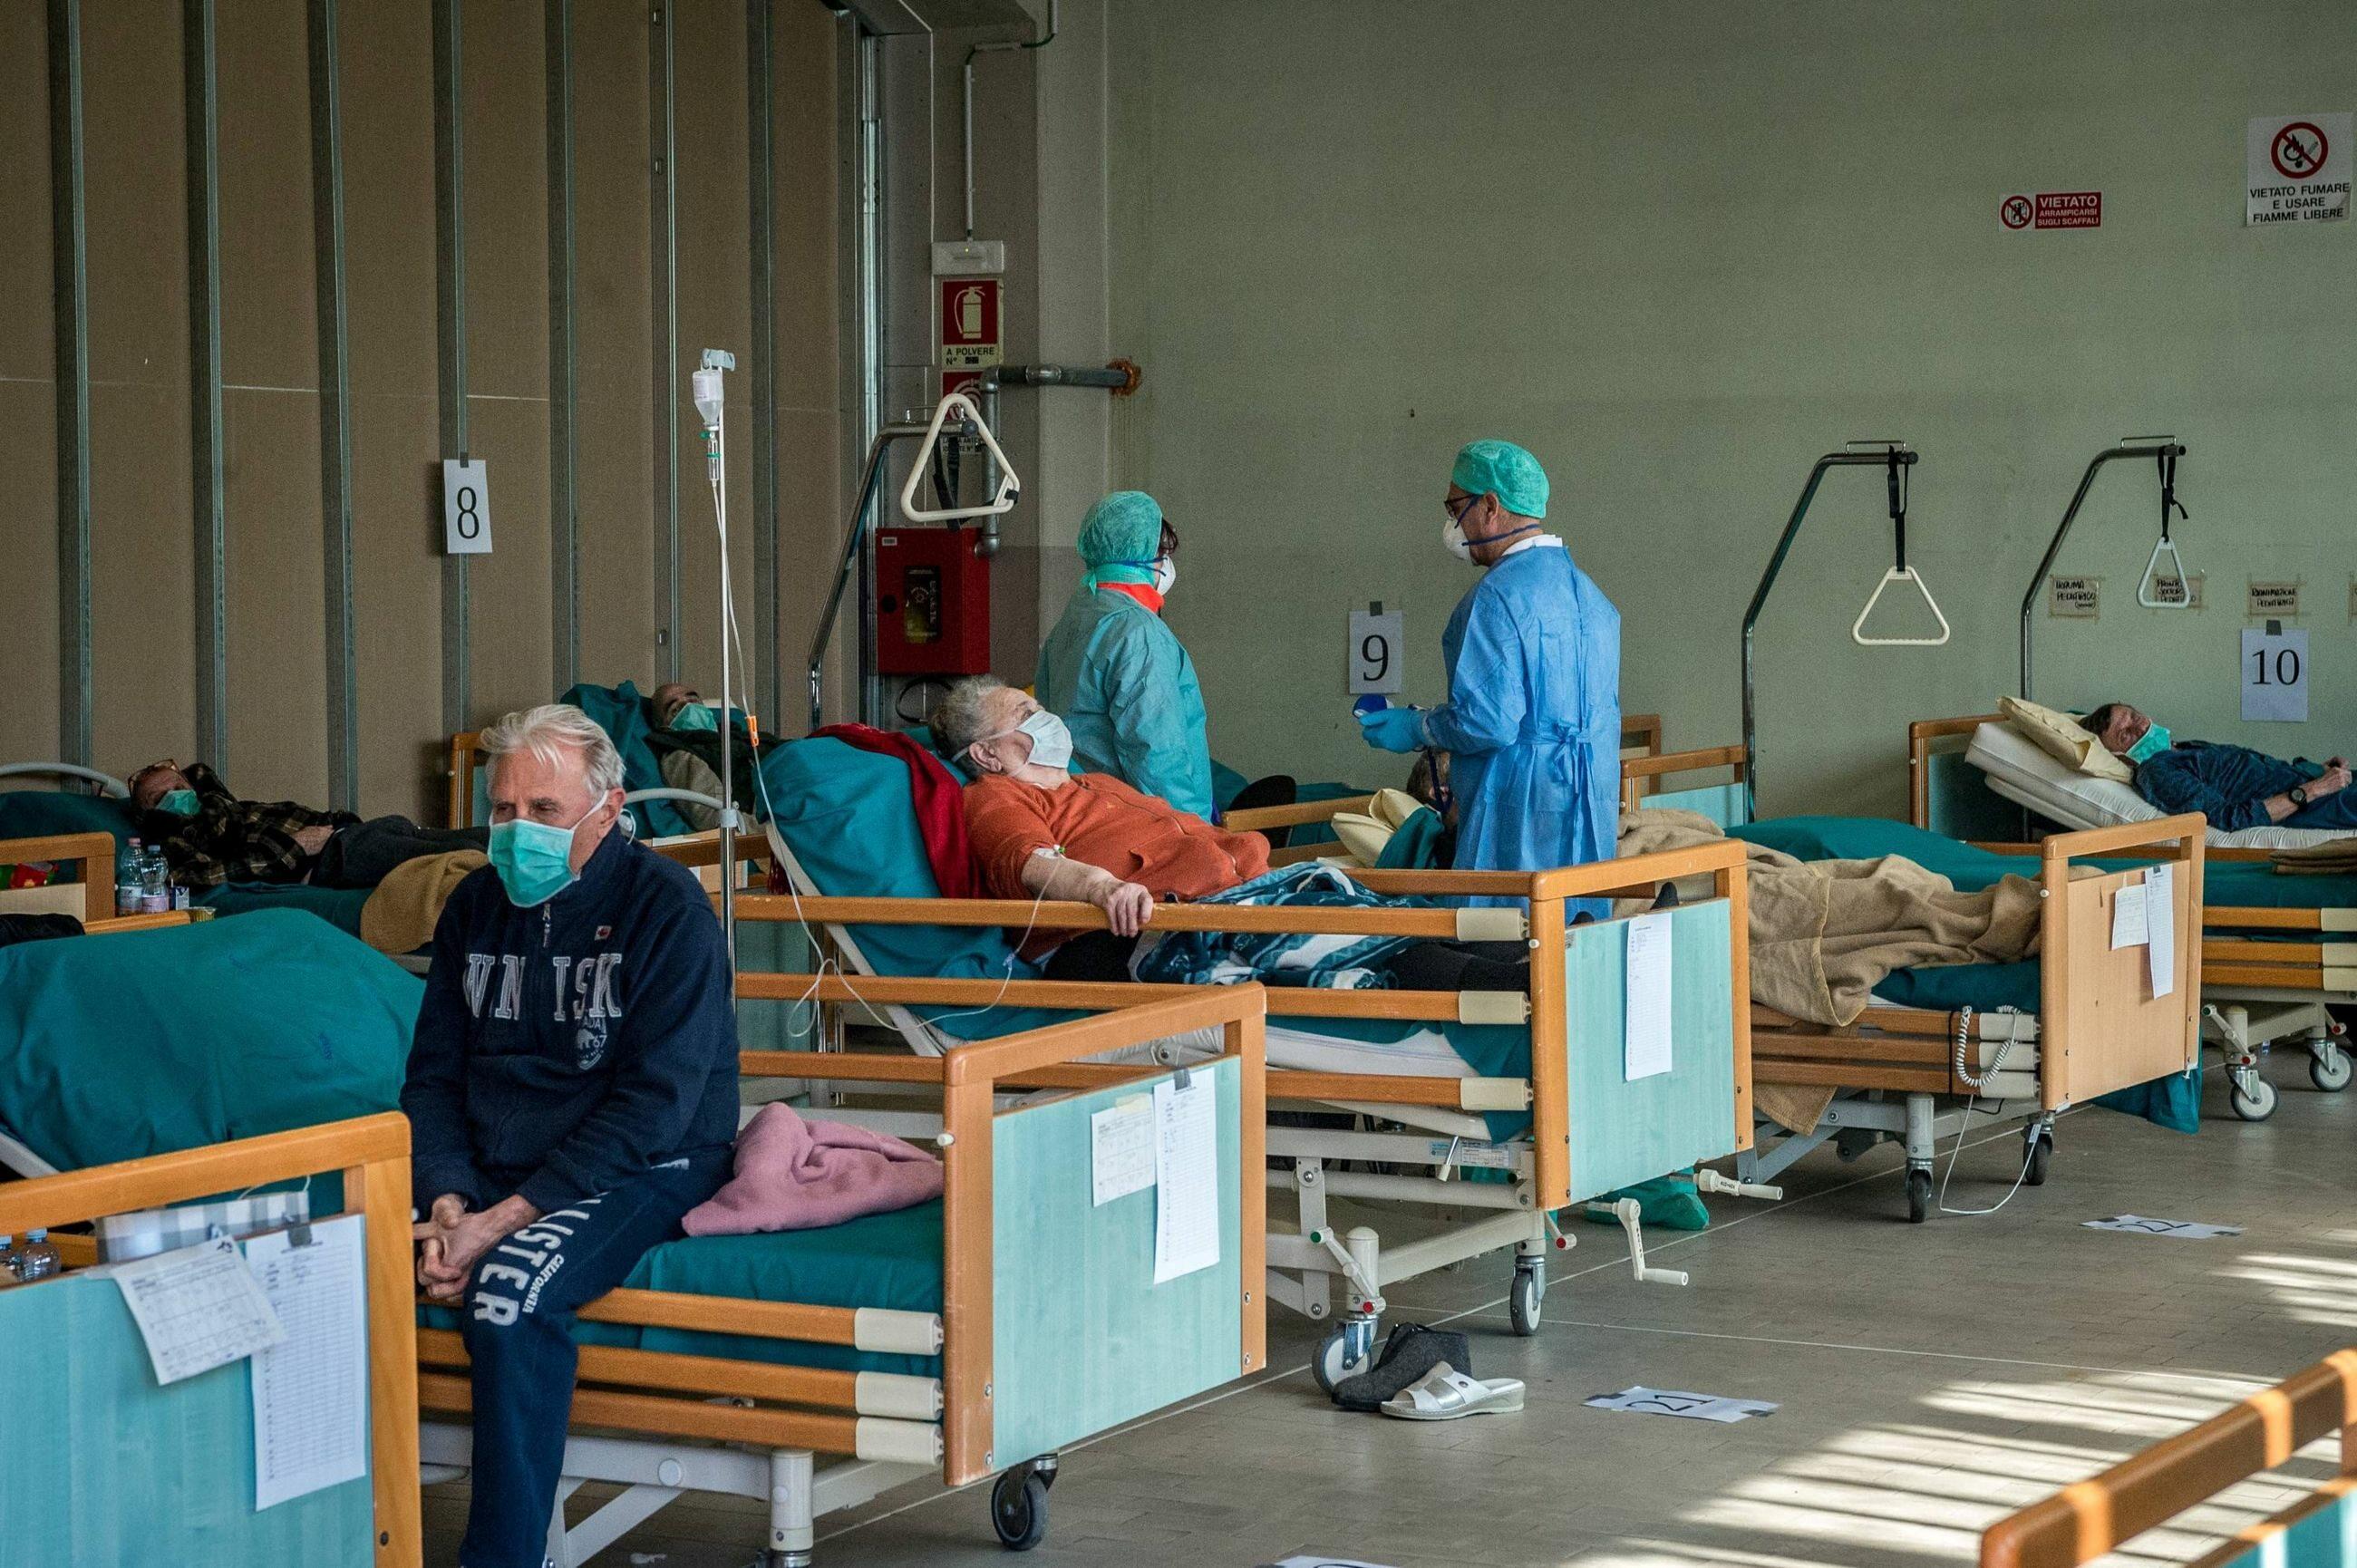 Szpital dla chorych na COVID-19 w mieście Brescia